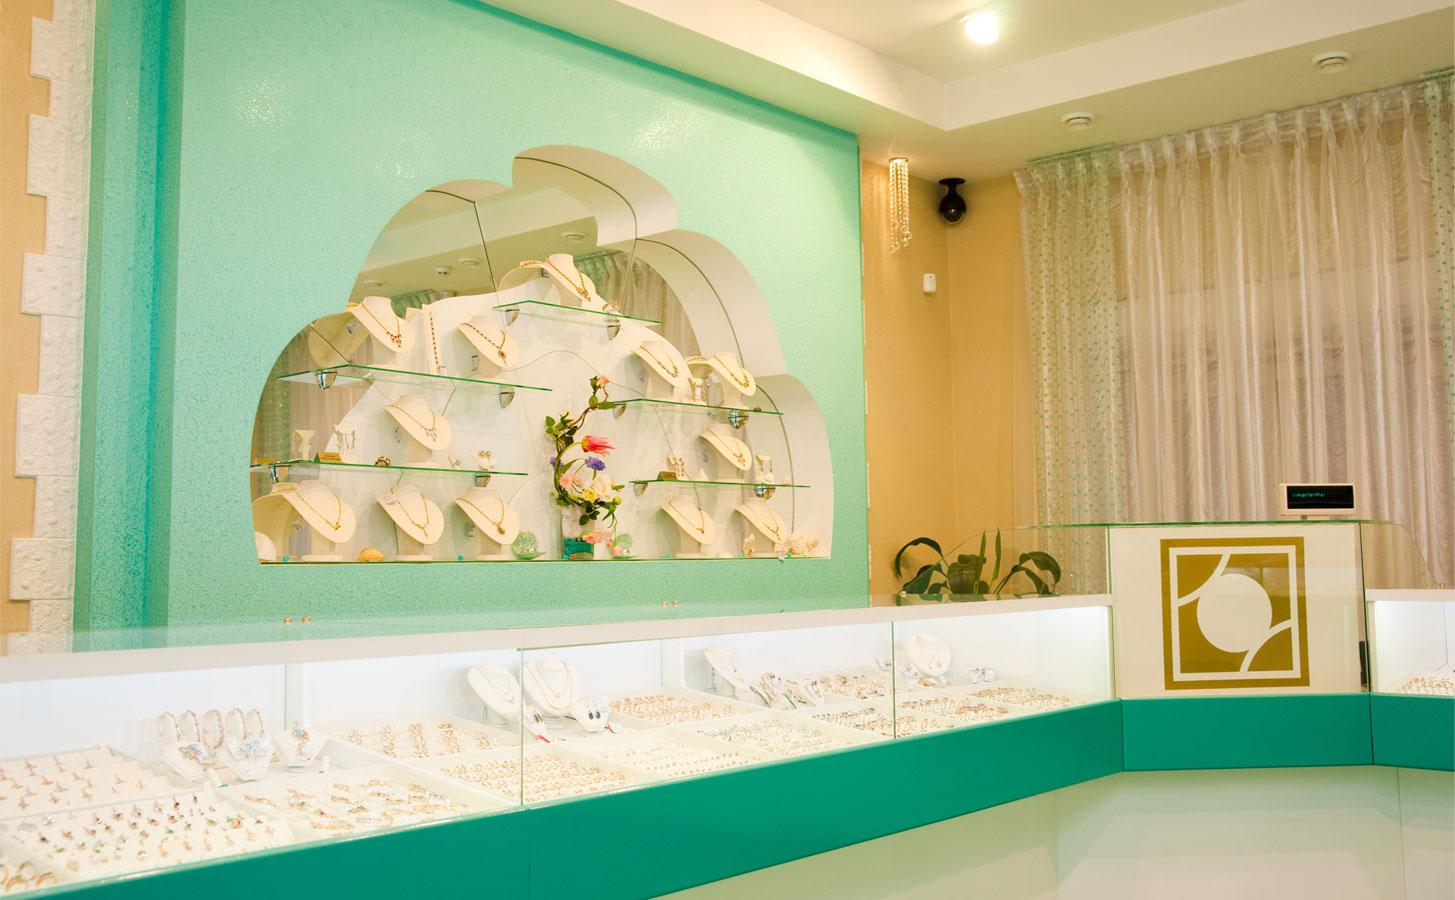 Ювелирный салон Жемчужина Ленинградская 136 (фото 3)